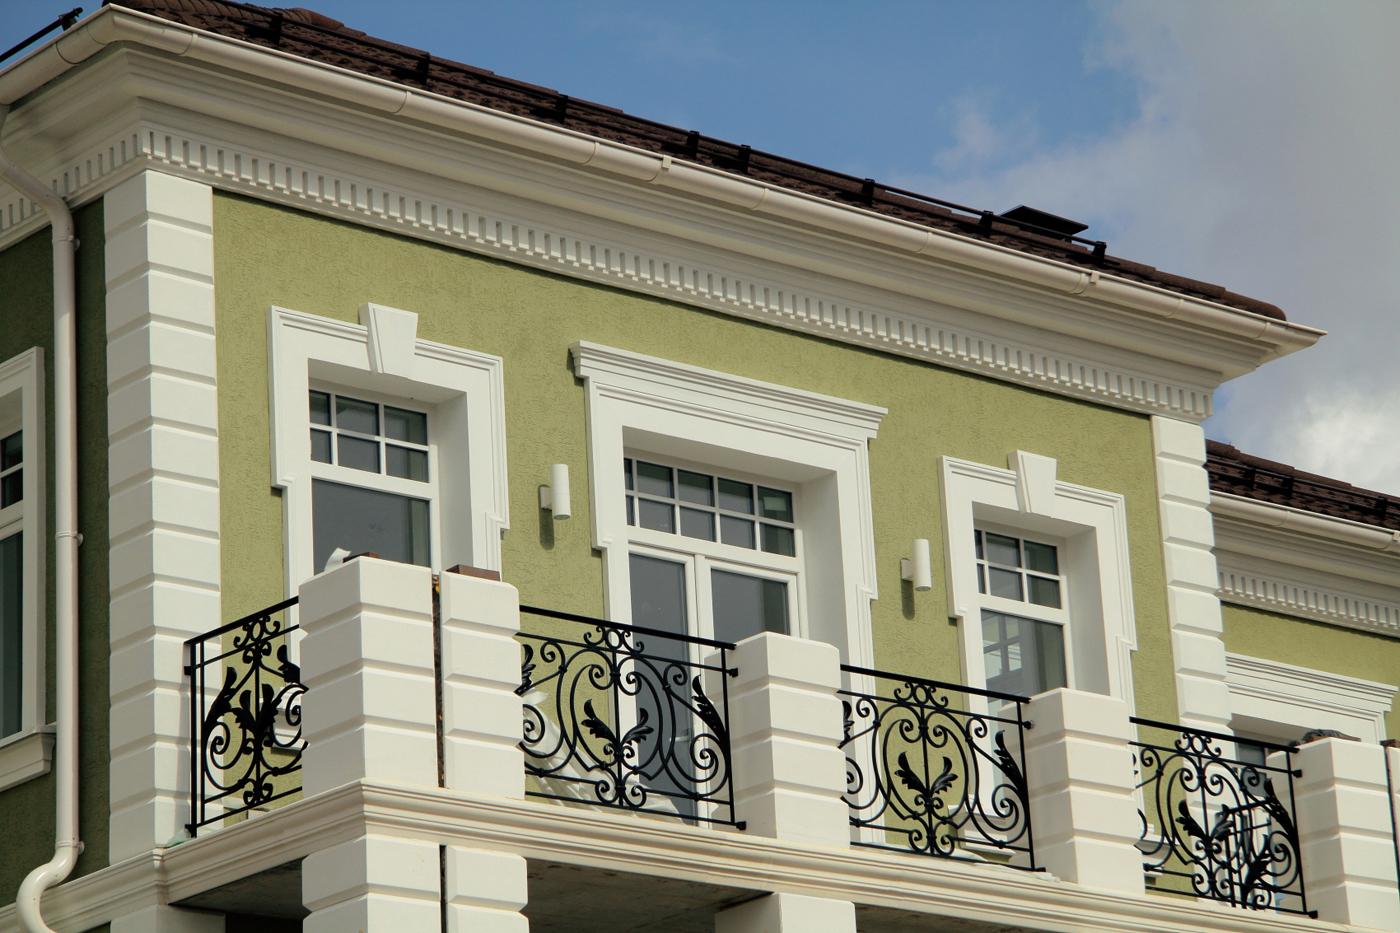 предлагается посетить лепнина на фасадах зданий фото вам доводилось видеть